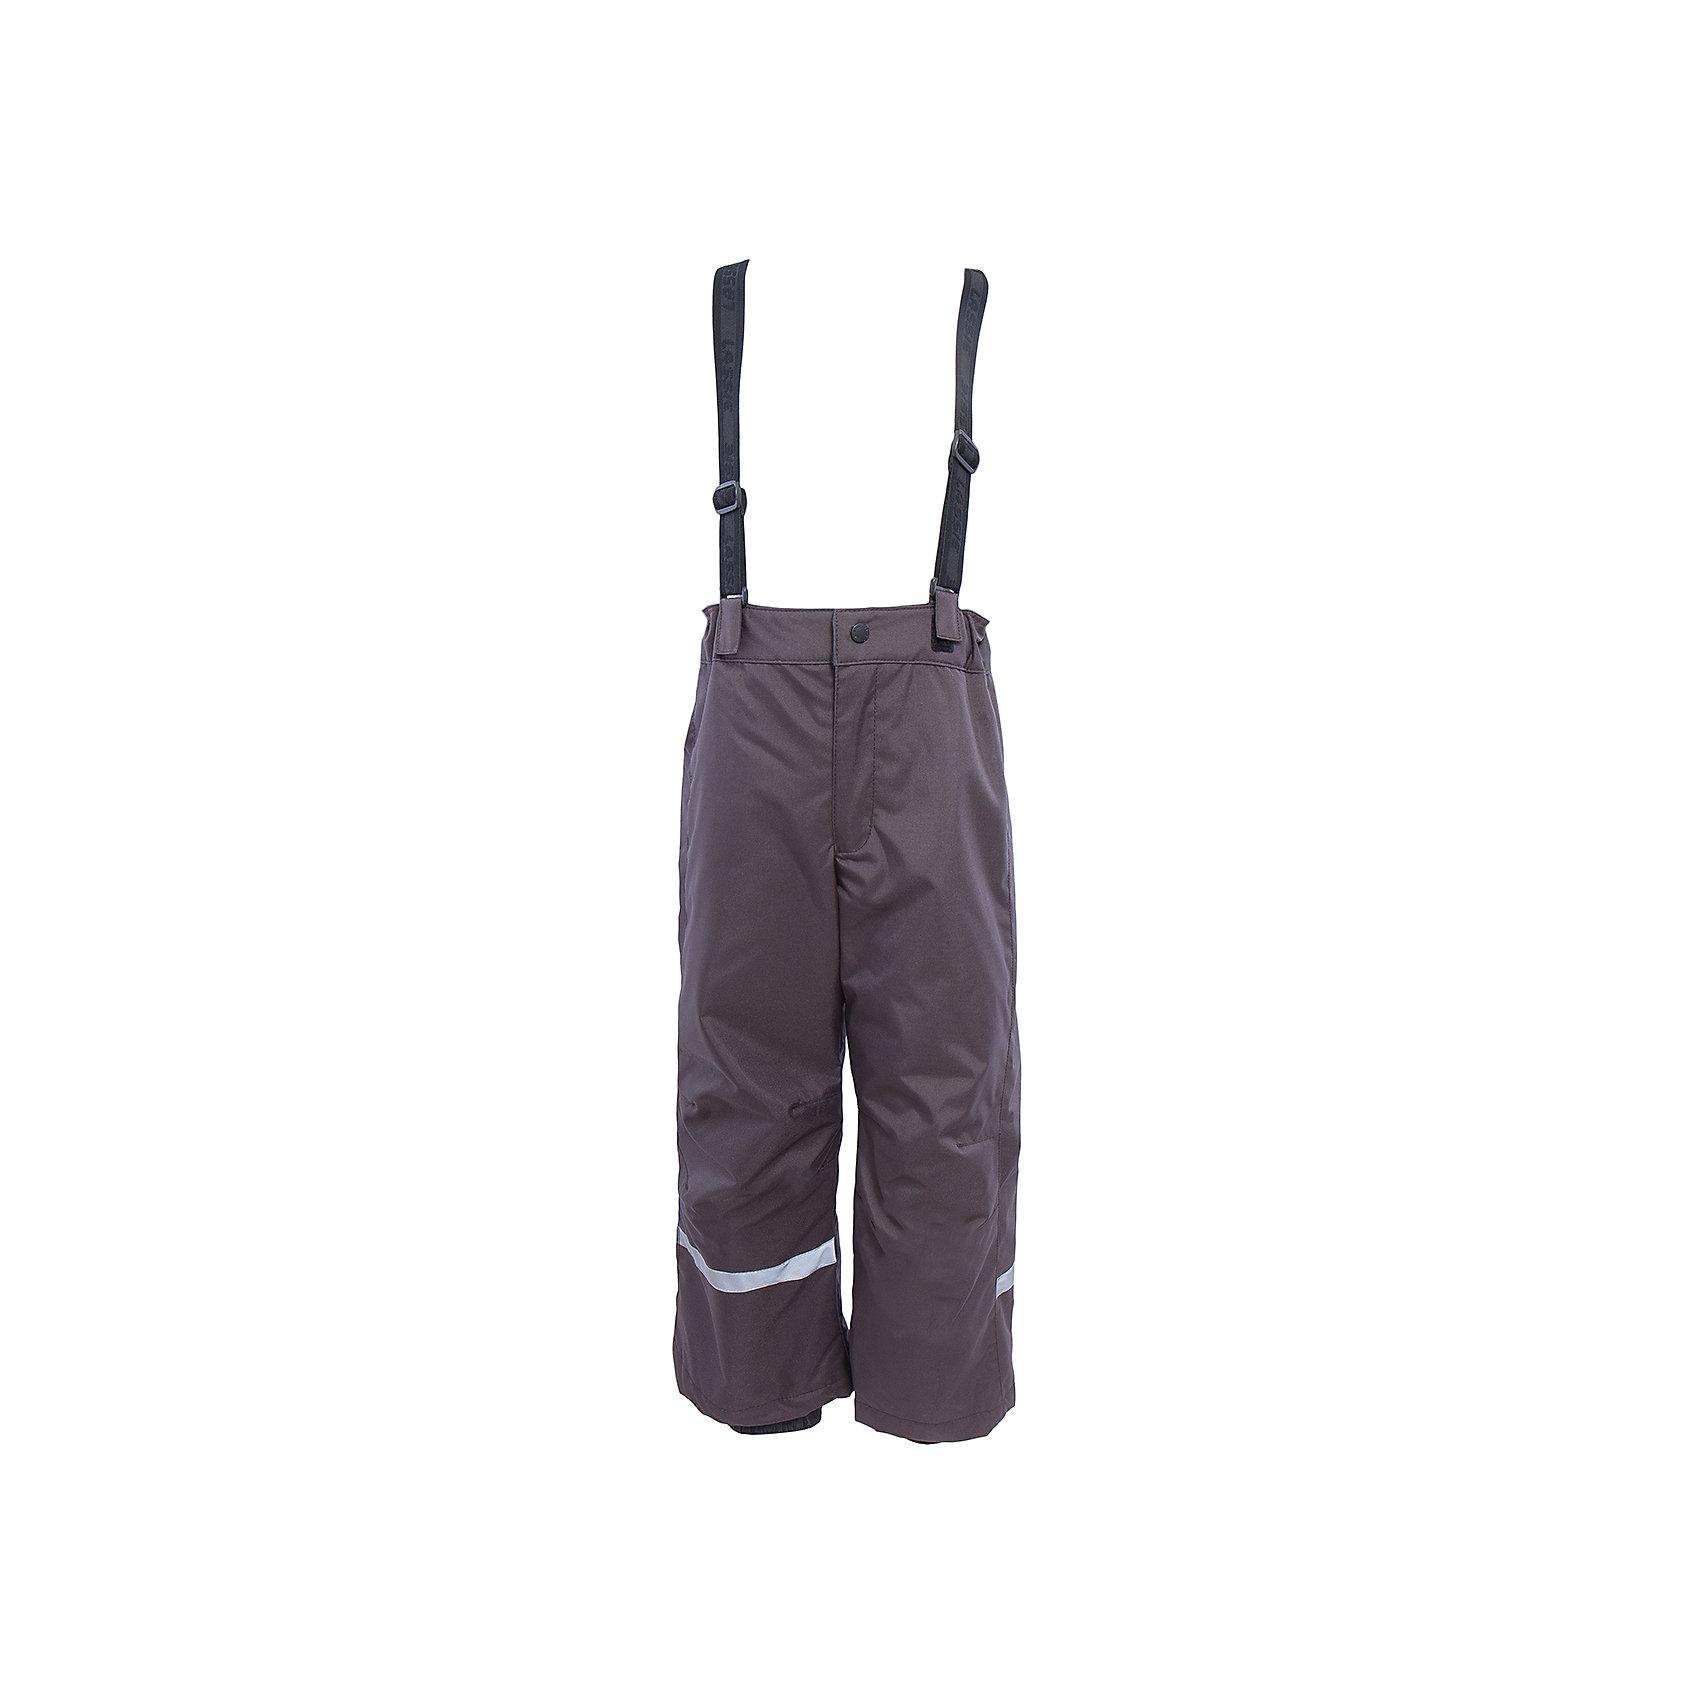 Брюки LASSIEОдежда<br>Зимние брюки для детей известной финской марки. <br><br>- Прочный материал. <br>- Водоотталкивающий, ветронепроницаемый, «дышащий» и грязеотталкивающий материал.<br>-  Задний серединный шов проклеен. свободный крой.<br>- Гладкая подкладка из полиэстра. <br>- Легкая степень утепления. <br>- Эластичный регулируемый обхват талии. <br>- Регулируемые брючины. Карманы в боковых швах.  <br><br>Рекомендации по уходу: Стирать по отдельности, вывернув наизнанку. Застегнуть молнии и липучки. Соблюдать температуру в соответствии с руководством по уходу. Стирать моющим средством, не содержащим отбеливающие вещества. Полоскать без специального средства. Сушение в сушильном шкафу разрешено при  низкой температуре.<br><br>Состав: 100% Полиамид, полиуретановое покрытие.  Утеплитель «Lassie wadding» 100гр.<br><br>Ширина мм: 215<br>Глубина мм: 88<br>Высота мм: 191<br>Вес г: 336<br>Цвет: серый<br>Возраст от месяцев: 18<br>Возраст до месяцев: 24<br>Пол: Унисекс<br>Возраст: Детский<br>Размер: 92,140,98,104,110,116,122,128,134<br>SKU: 4781906